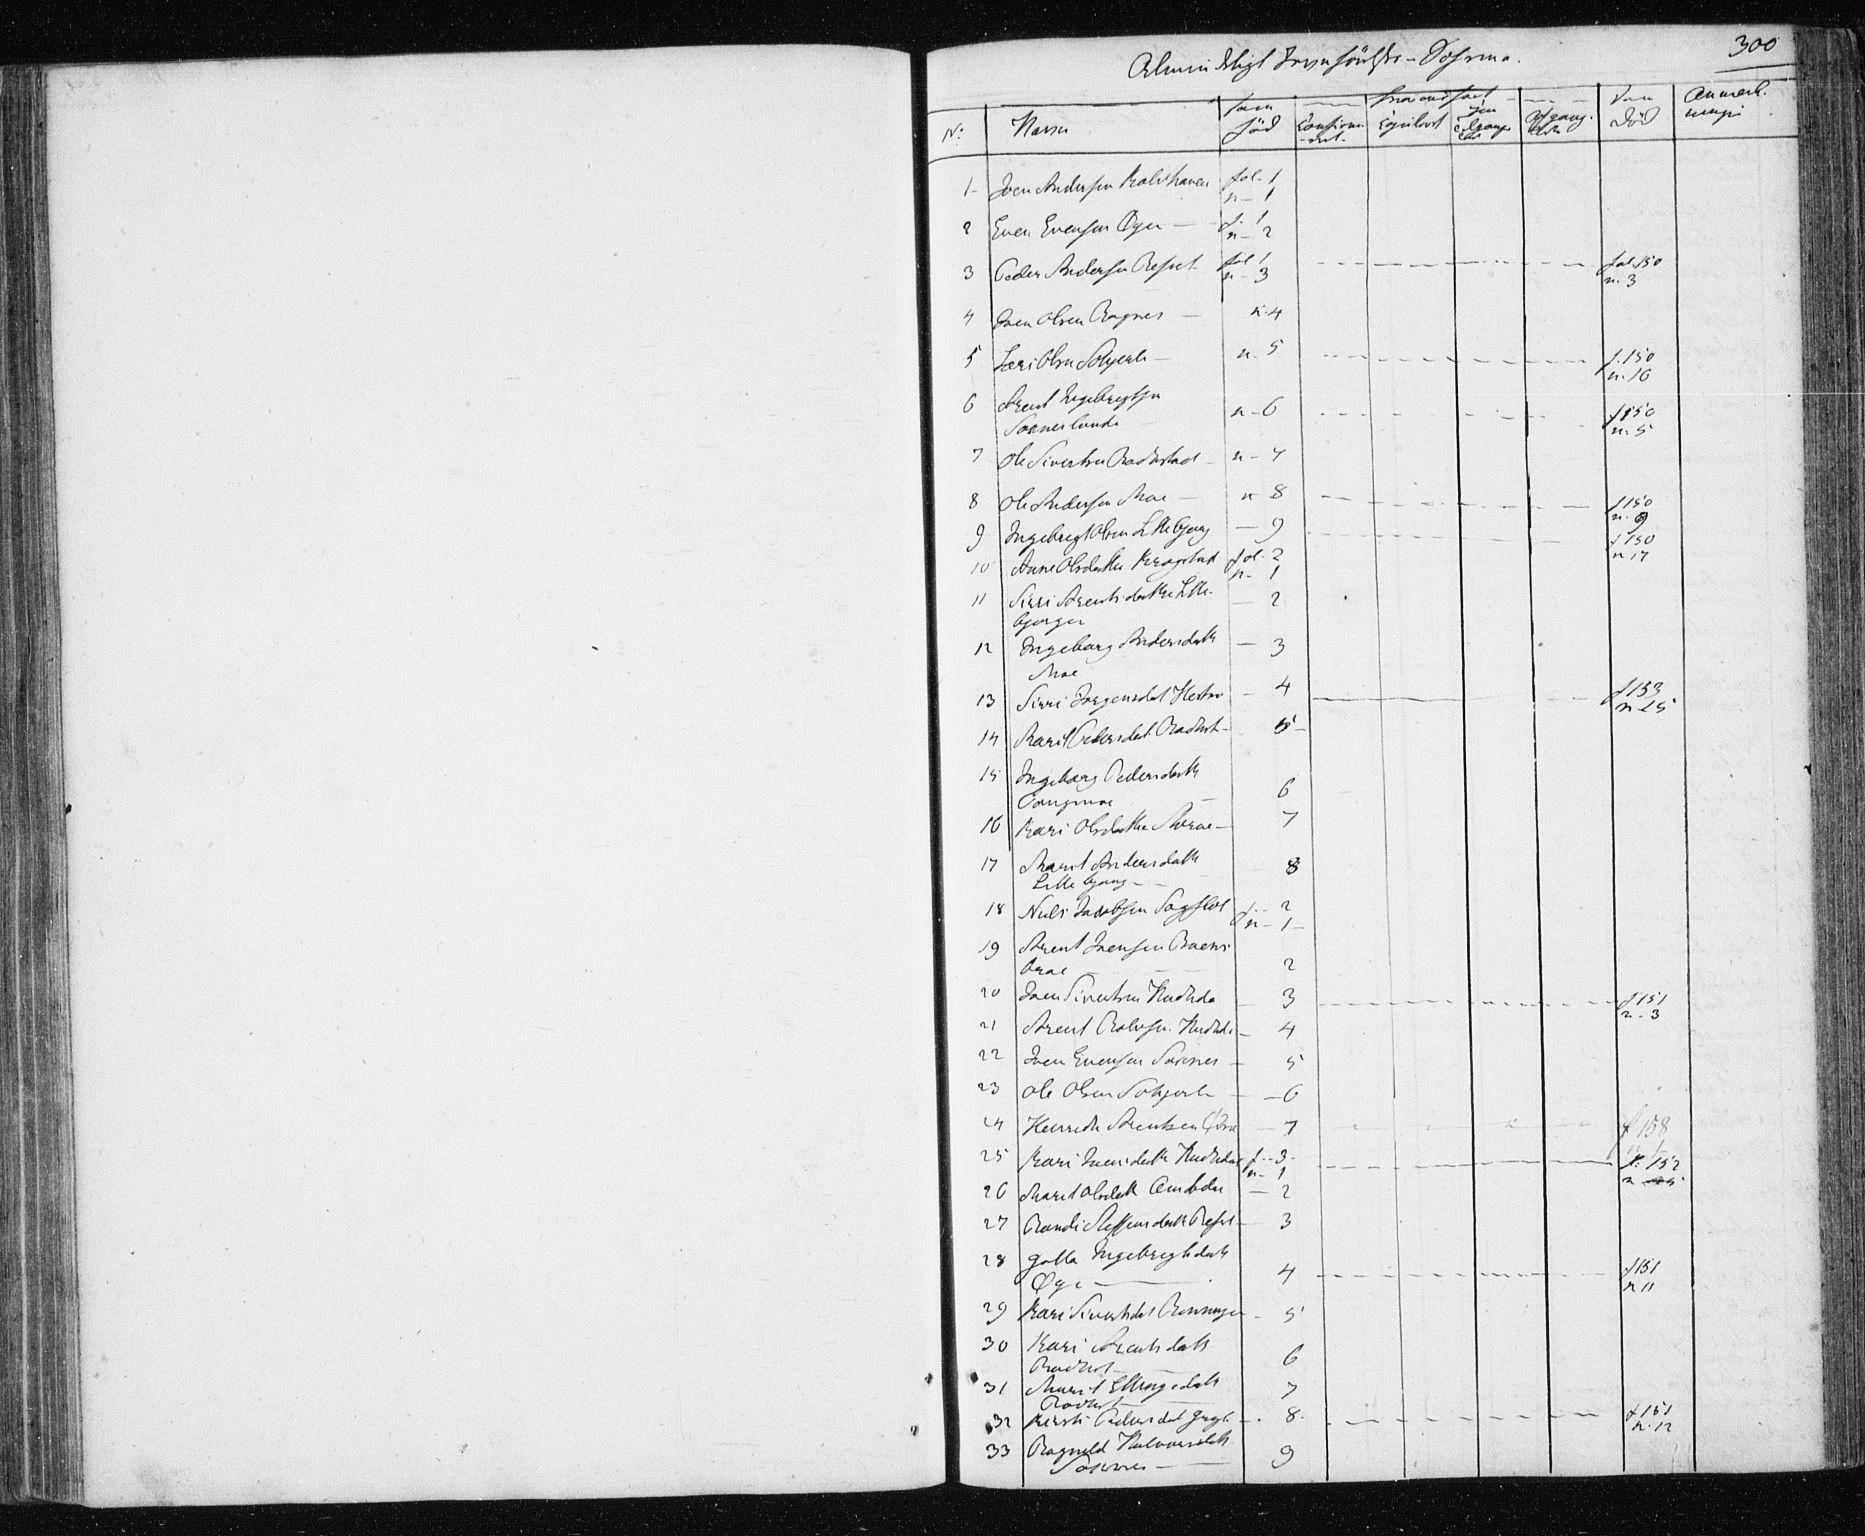 SAT, Ministerialprotokoller, klokkerbøker og fødselsregistre - Sør-Trøndelag, 687/L1017: Klokkerbok nr. 687C01, 1816-1837, s. 300